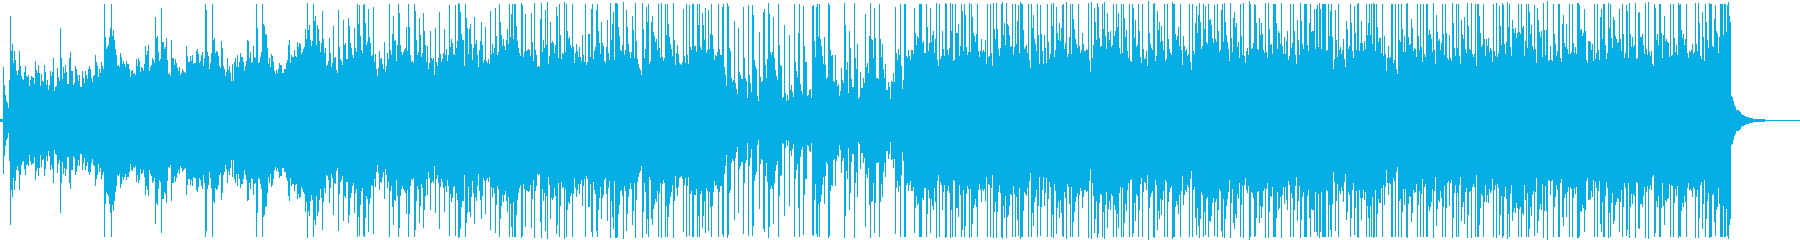 さわやかなアコースティックギター&ピアノの再生済みの波形